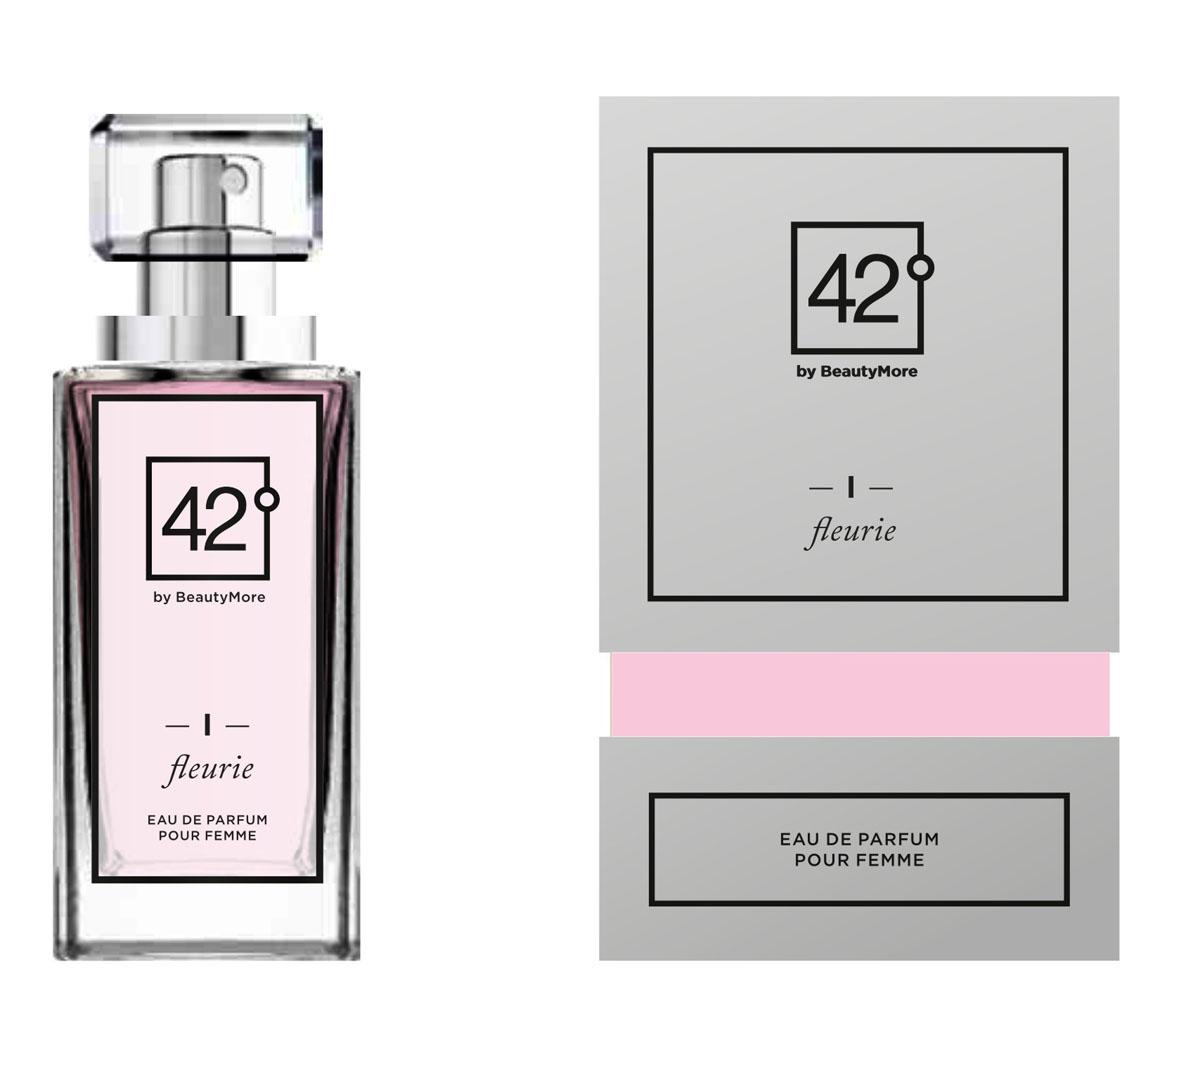 Fragrance 42 Парфюмированная вода для женщин I Fleuri 50 мл42-96153Fleurie -цветочный очаровательный аромат для веселых и очаровательных женщин. Верхняя нота - апельсин, бергамот, нота сердца - роза,восточный жасмин, базовые ноты -ветивер, белый мускус,пачули,ваниль